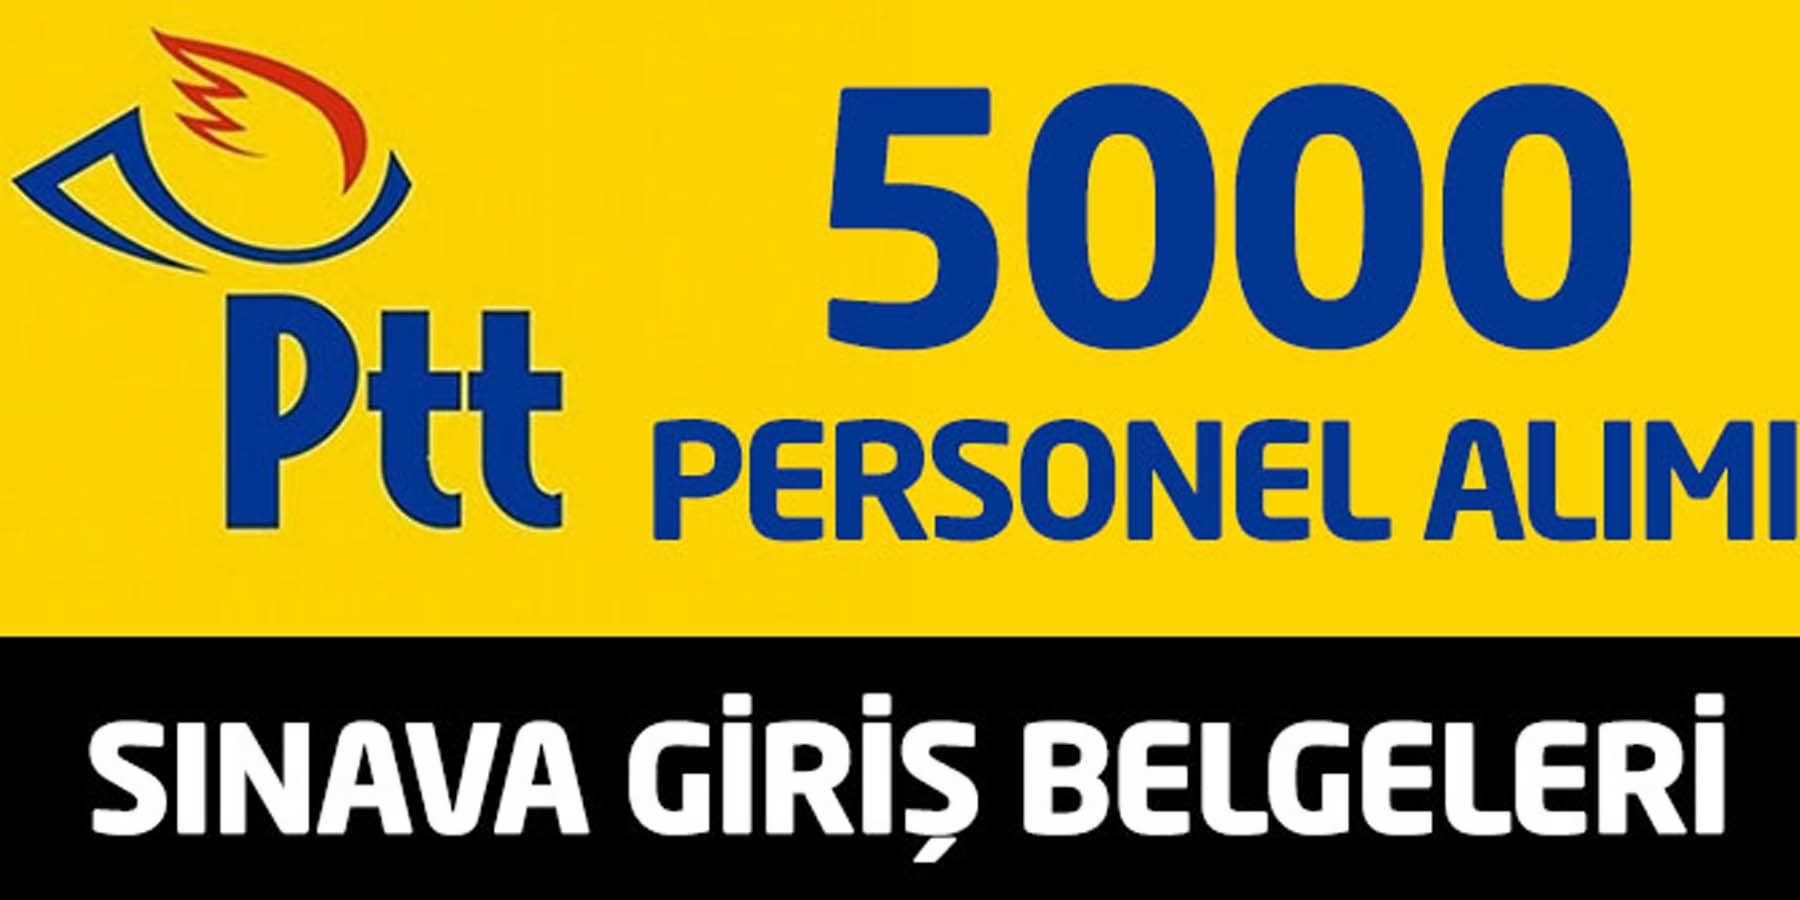 PTT 5000 Personel Alımı Sınava Giriş Belgeleri